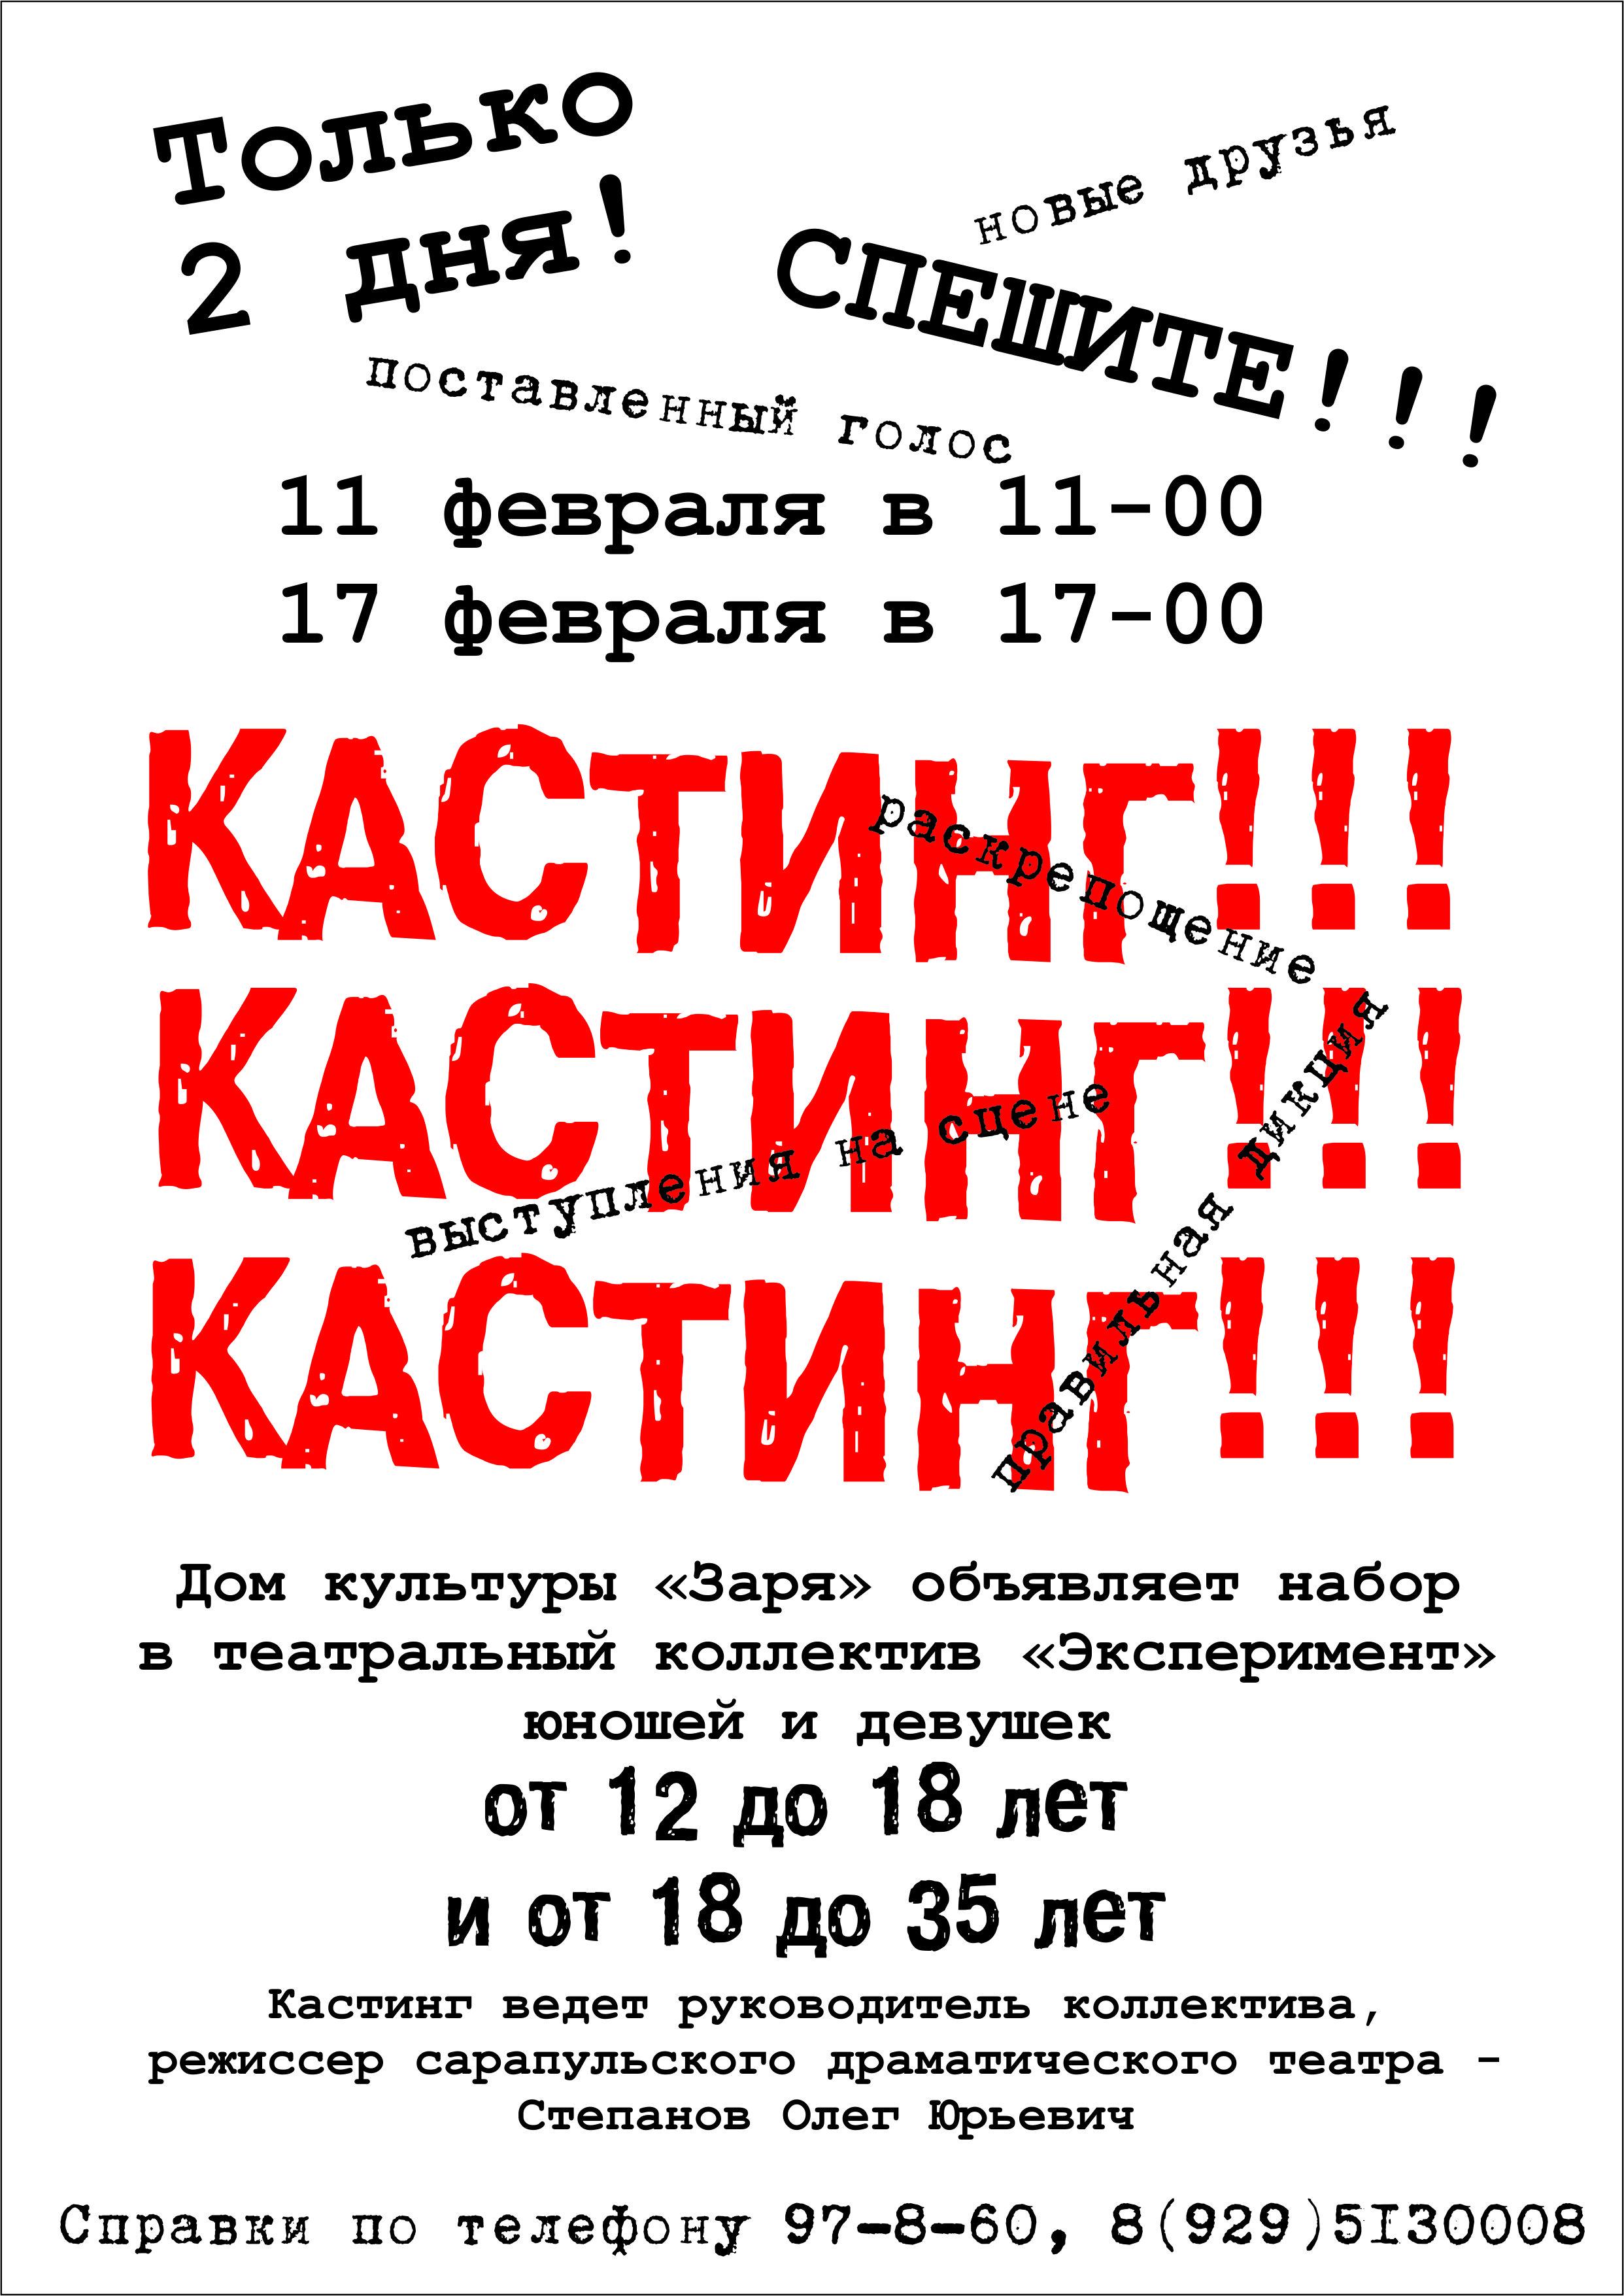 obyavlenie - Внимание!!! Кастинг в театральный коллектив!!!